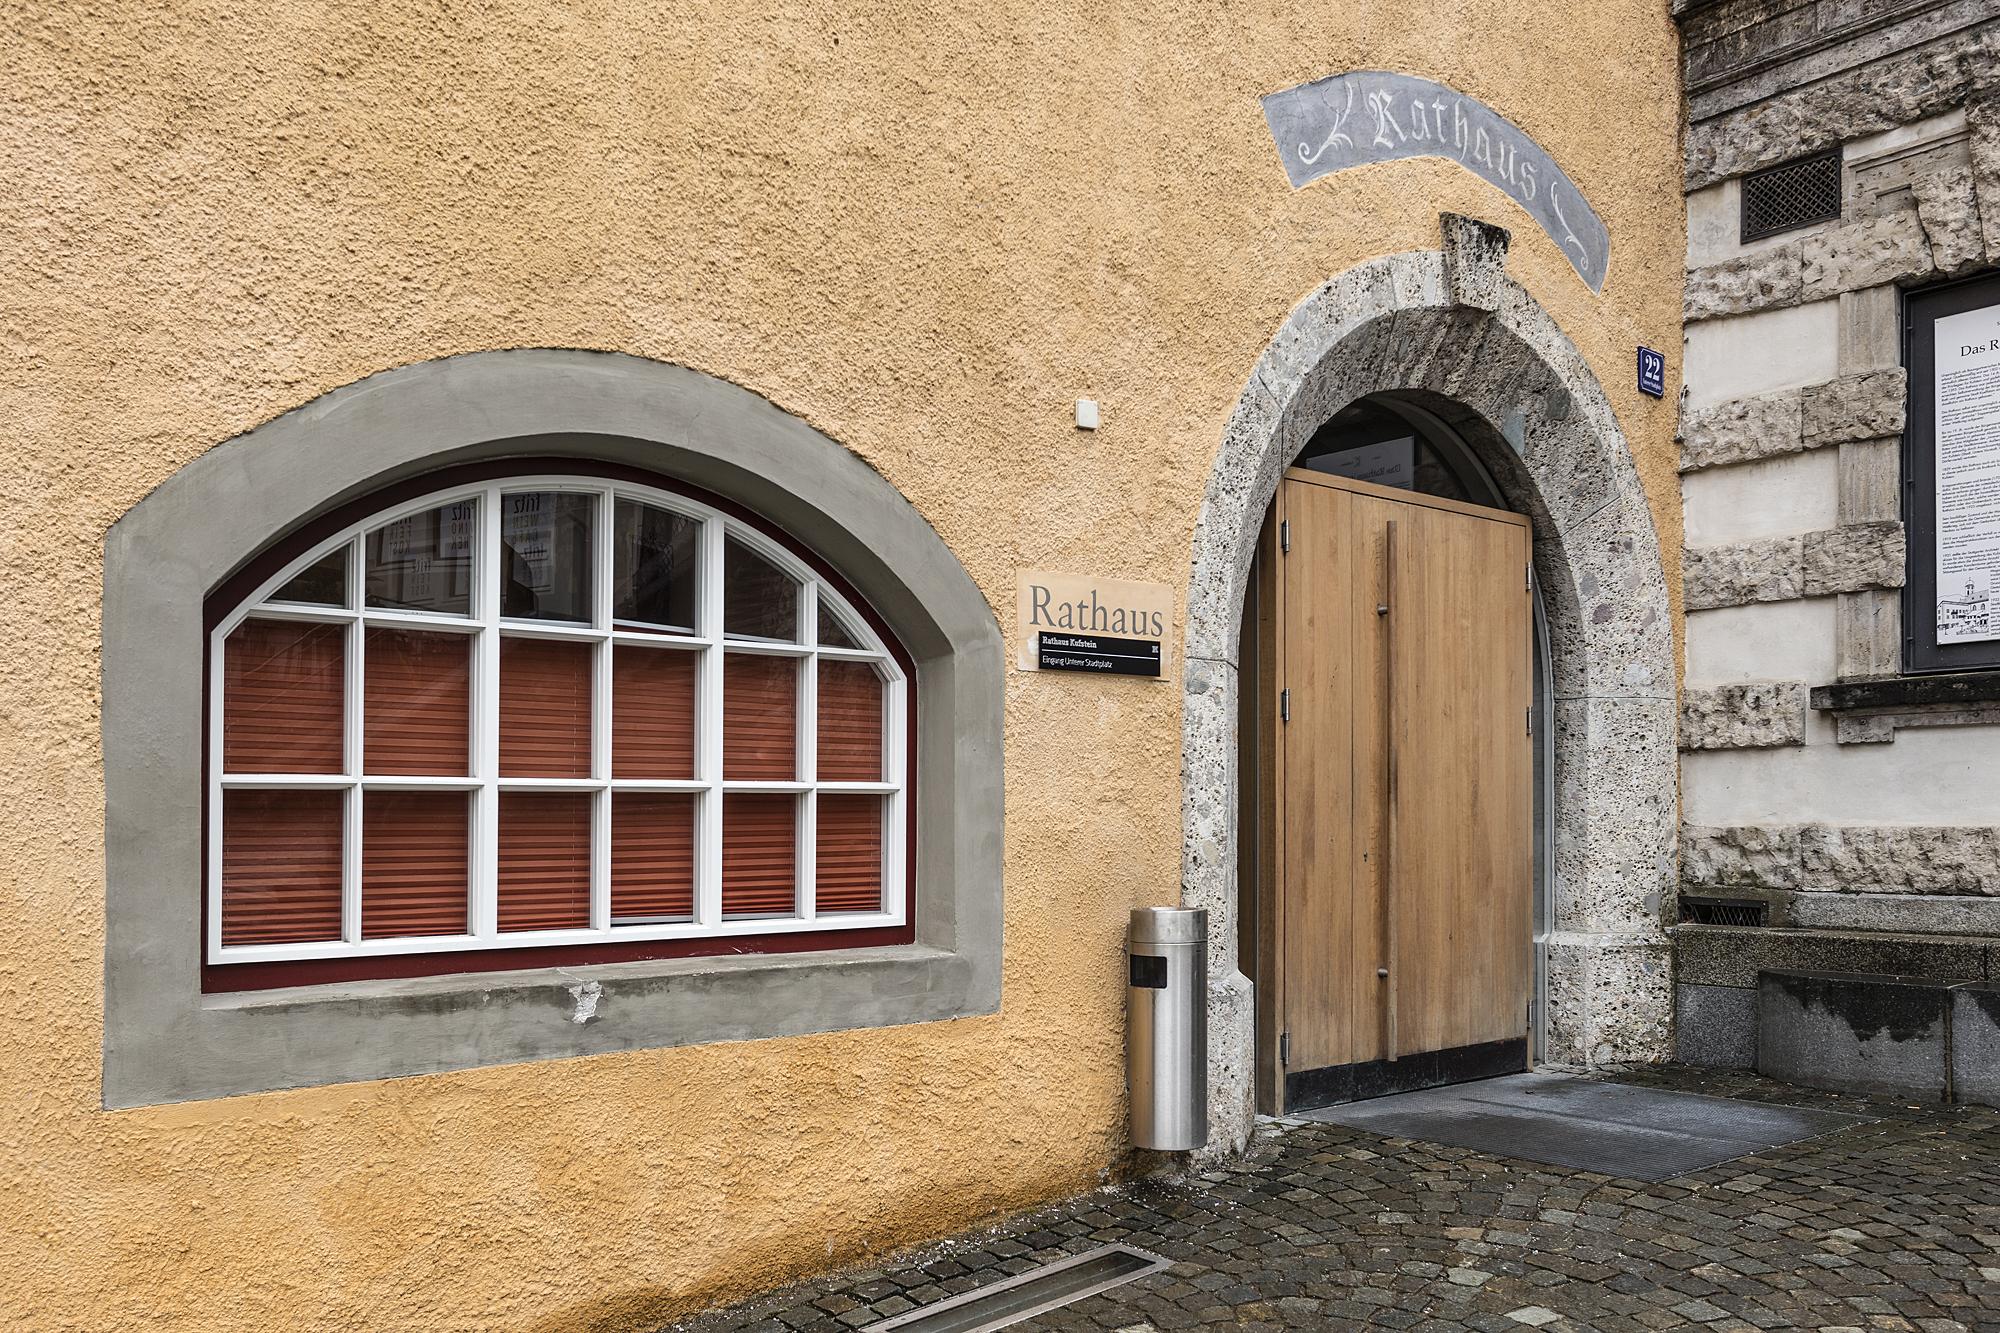 Rathaus-Kufstein_©marschall_8087